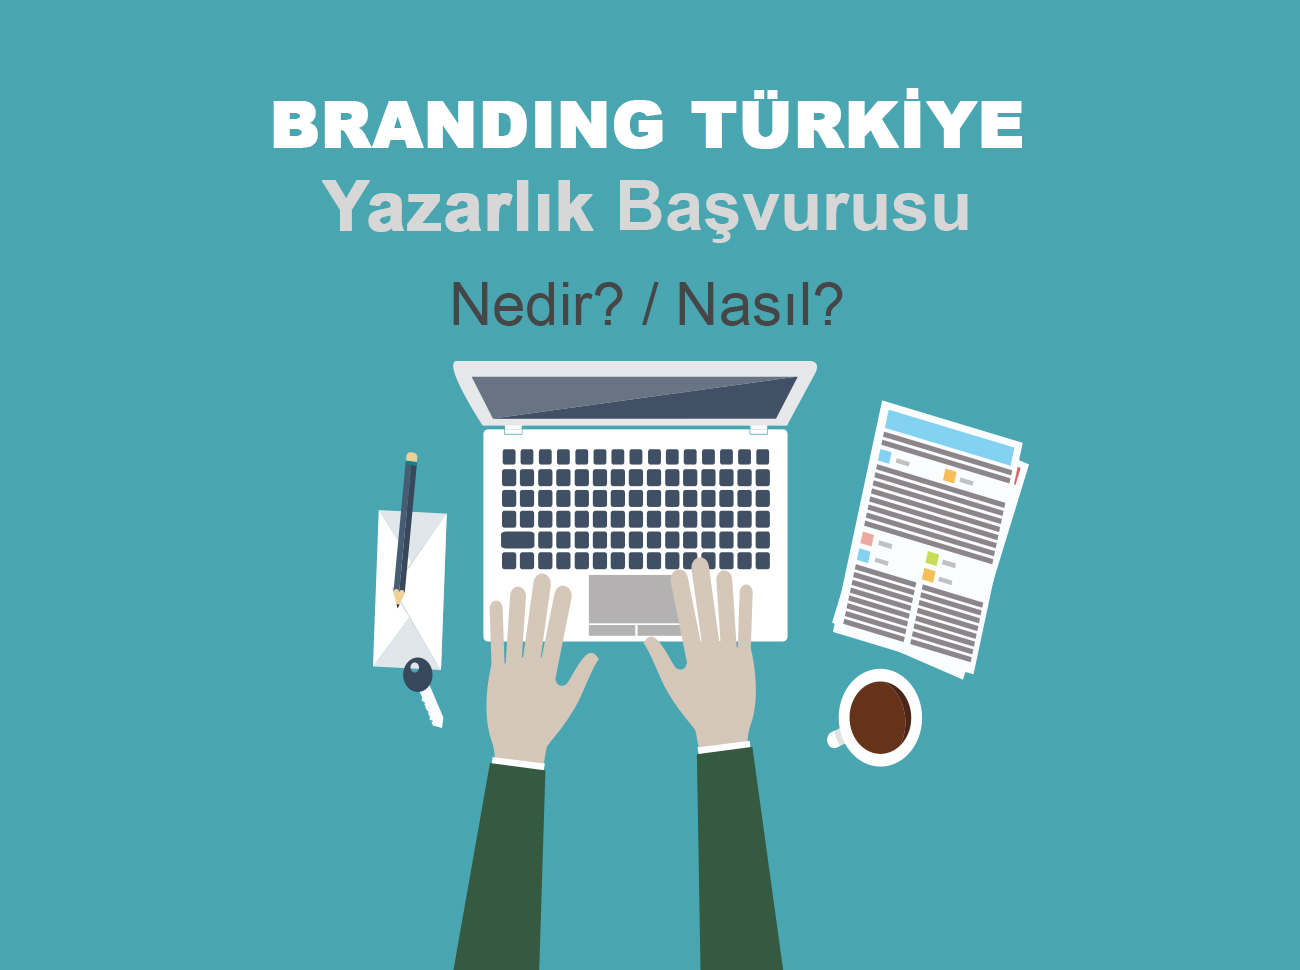 Branding Türkiye'de Yazar Olmak